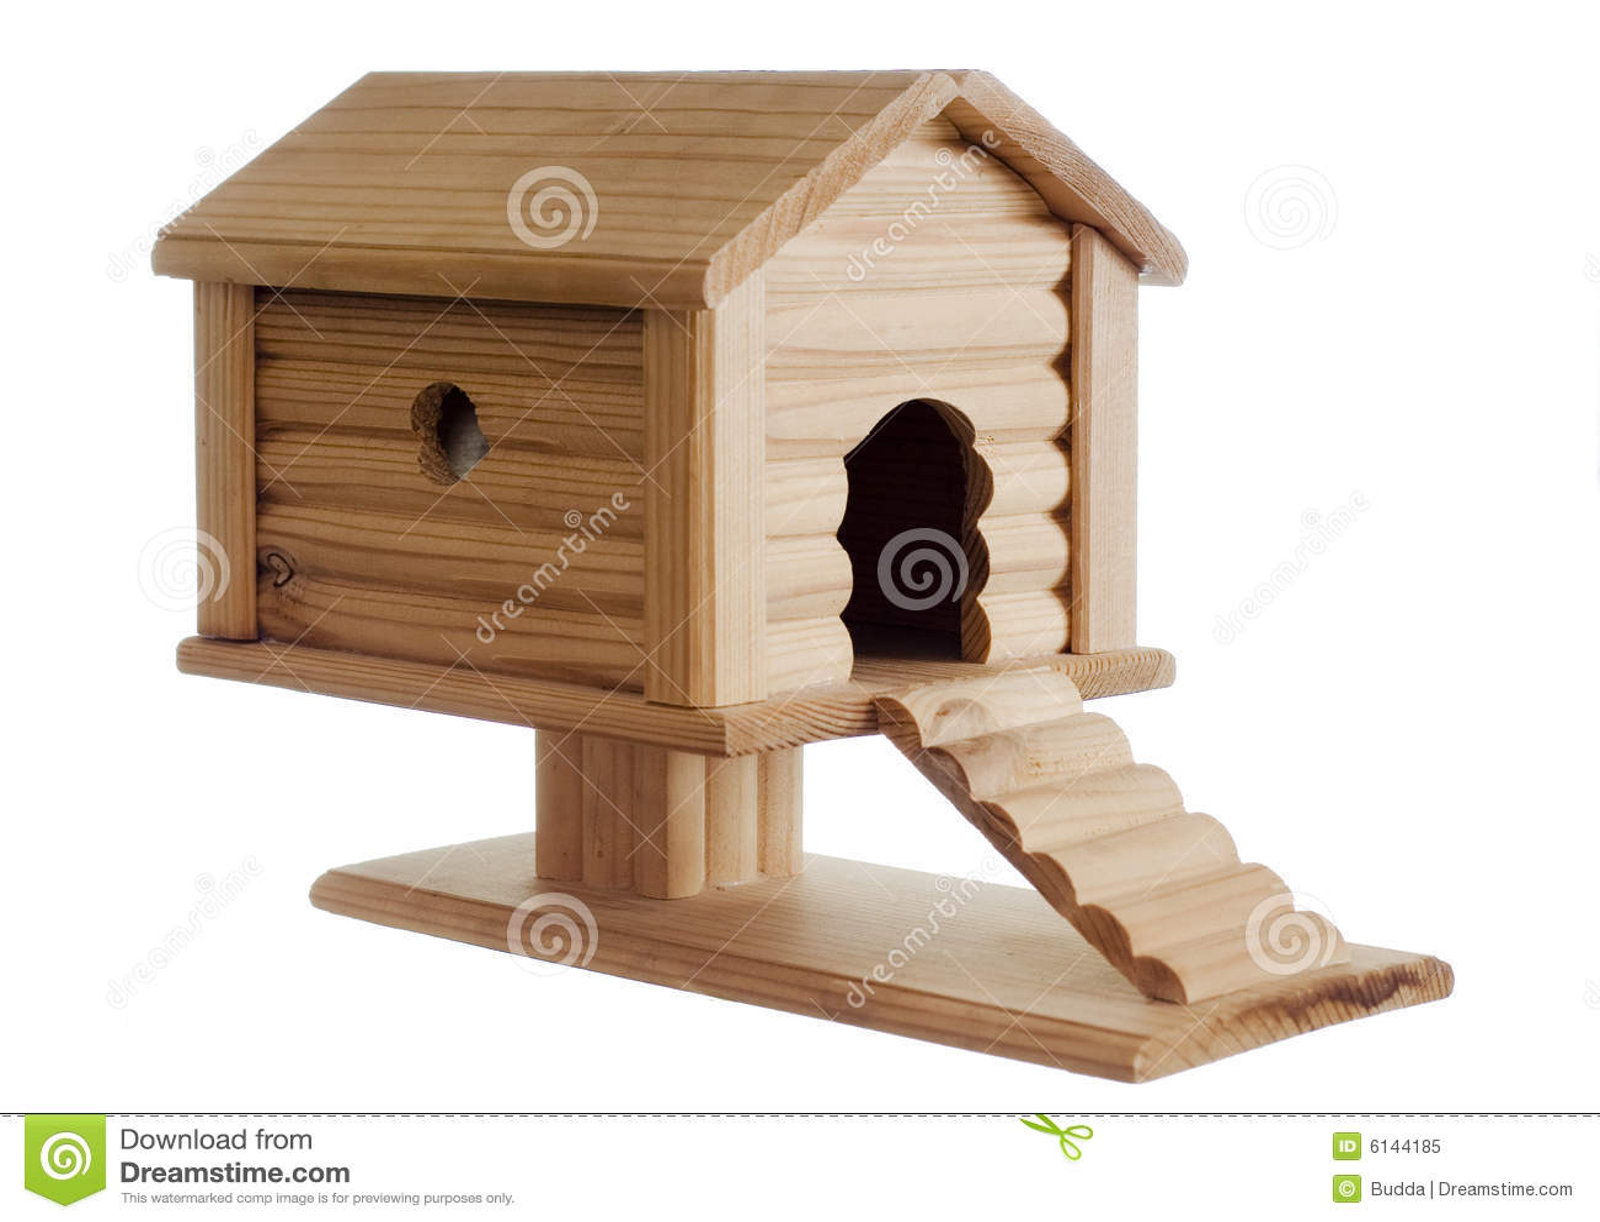 Maison En Bois Maison De Jouet Image Stock Image Du Miniature